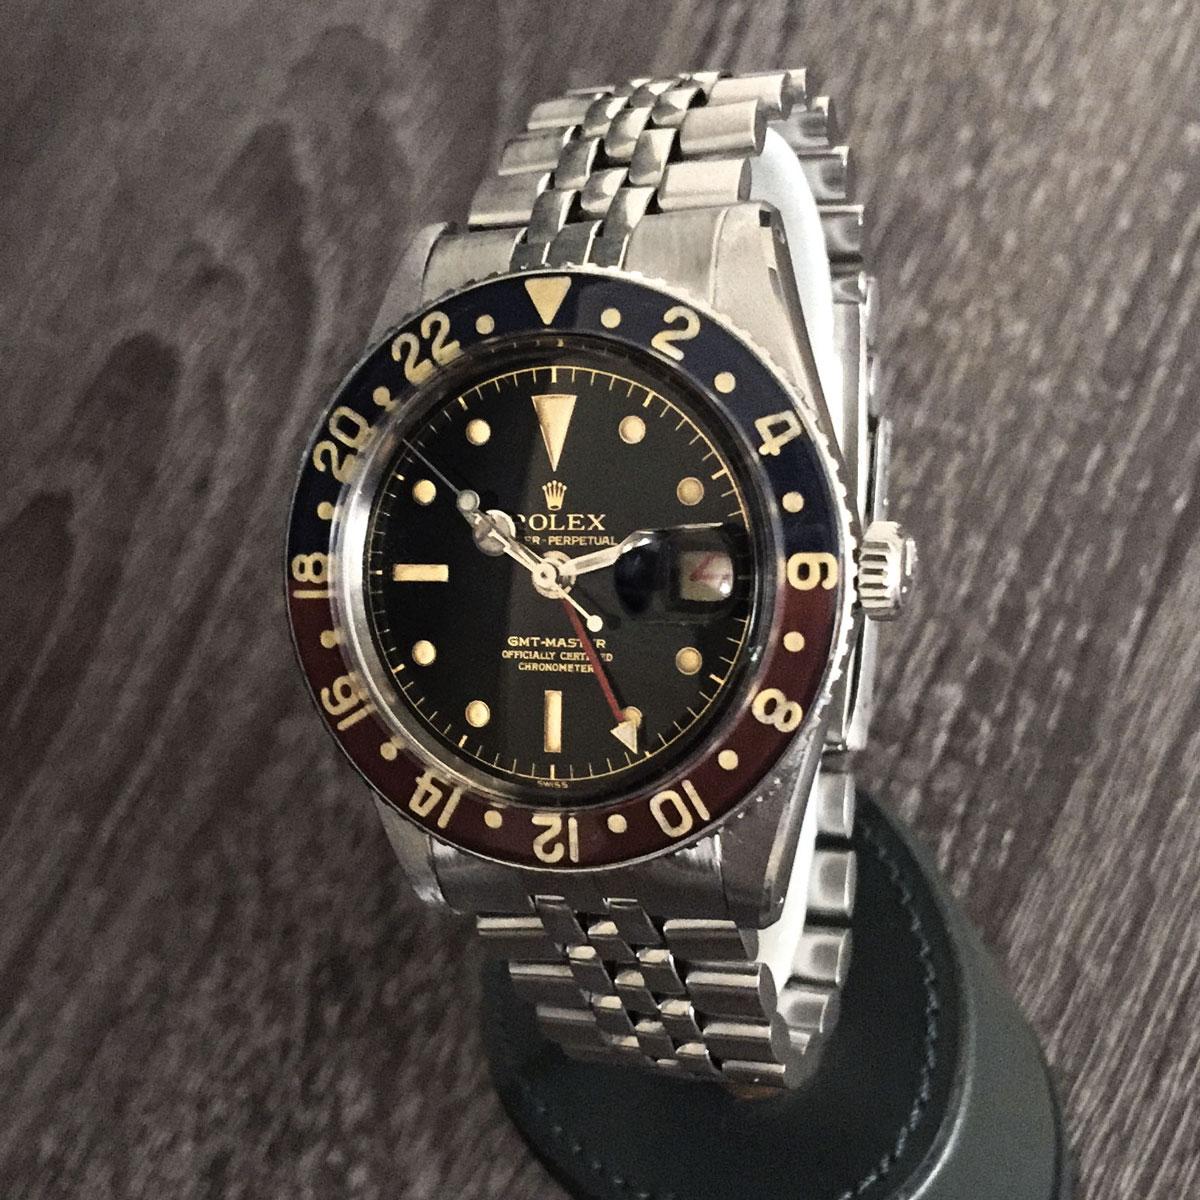 Rolex Vintage GMT Master 6542 No Crown Guard - Upper Watches